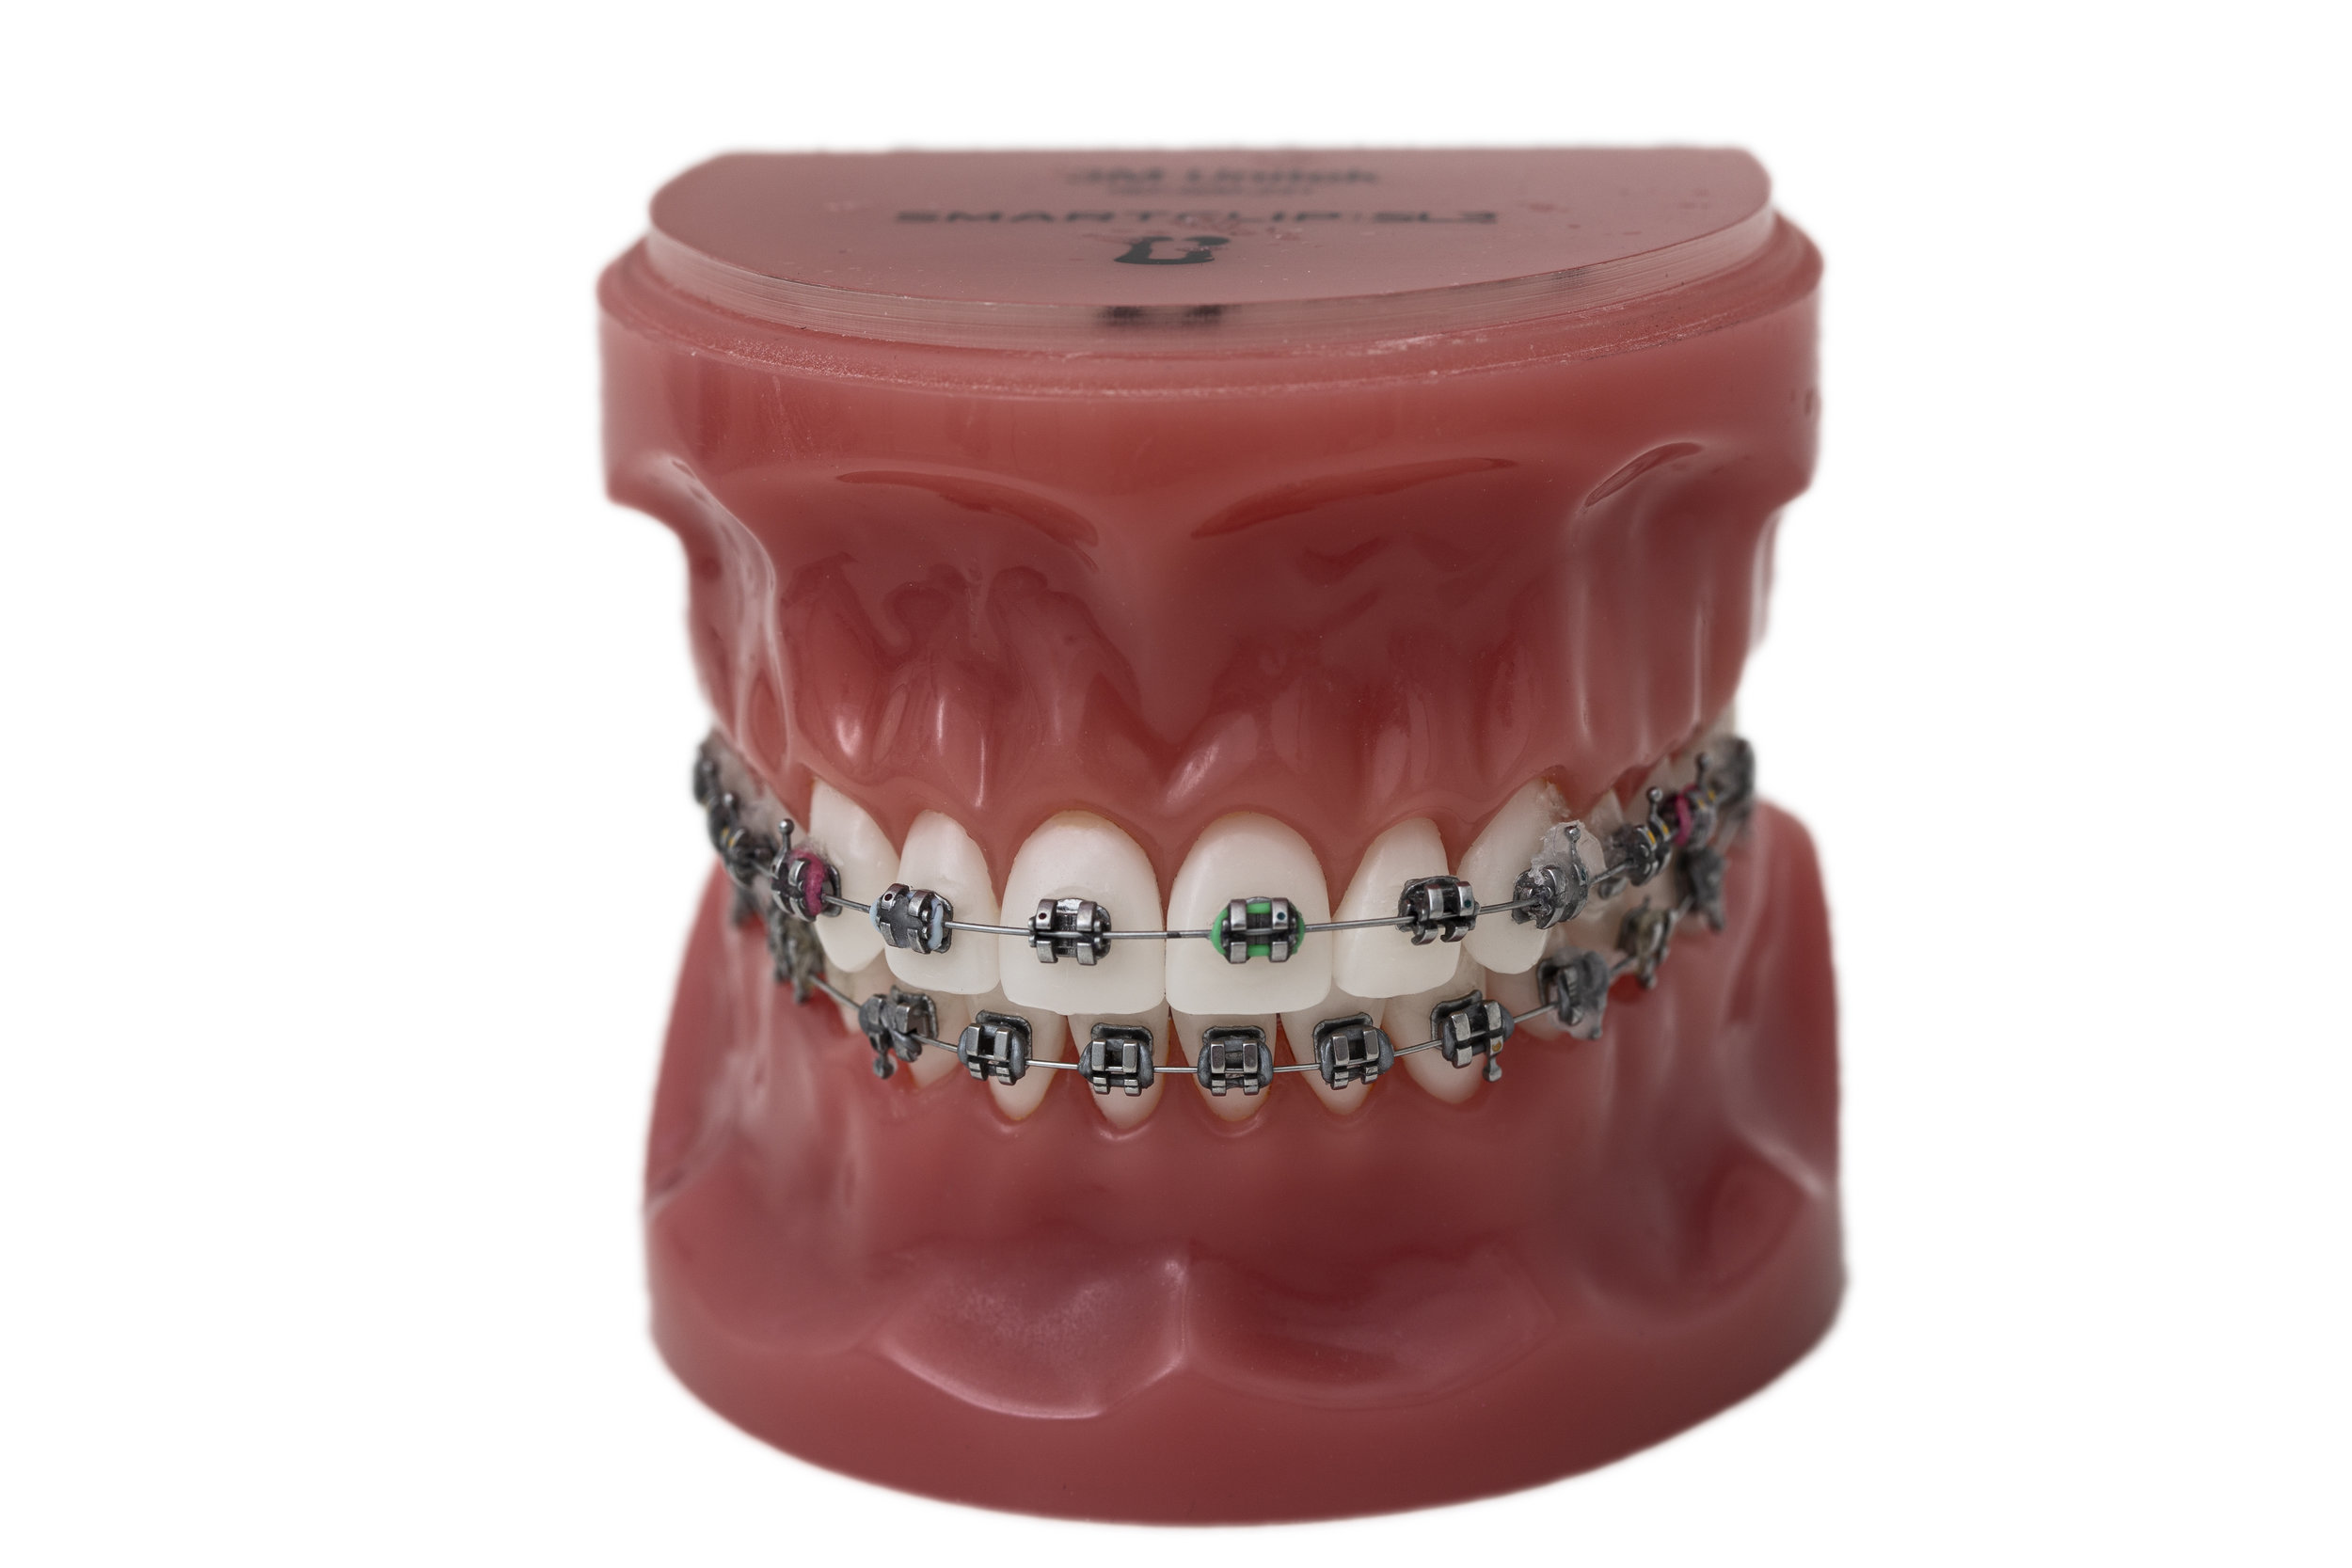 Klassiska rälsen - Rälsen är en klassisk tandställning och en välbeprövad metod för tandreglering som ger hållbart resultat. Det är den klassiska rälsen som omfattas av betalningsgaranti. Malmö Tandreglering erbjuder även tandfärgade brackets till den klassiska rälsen, vilket gör att den syns mindre och blir mer estetiskt. Boka tid…